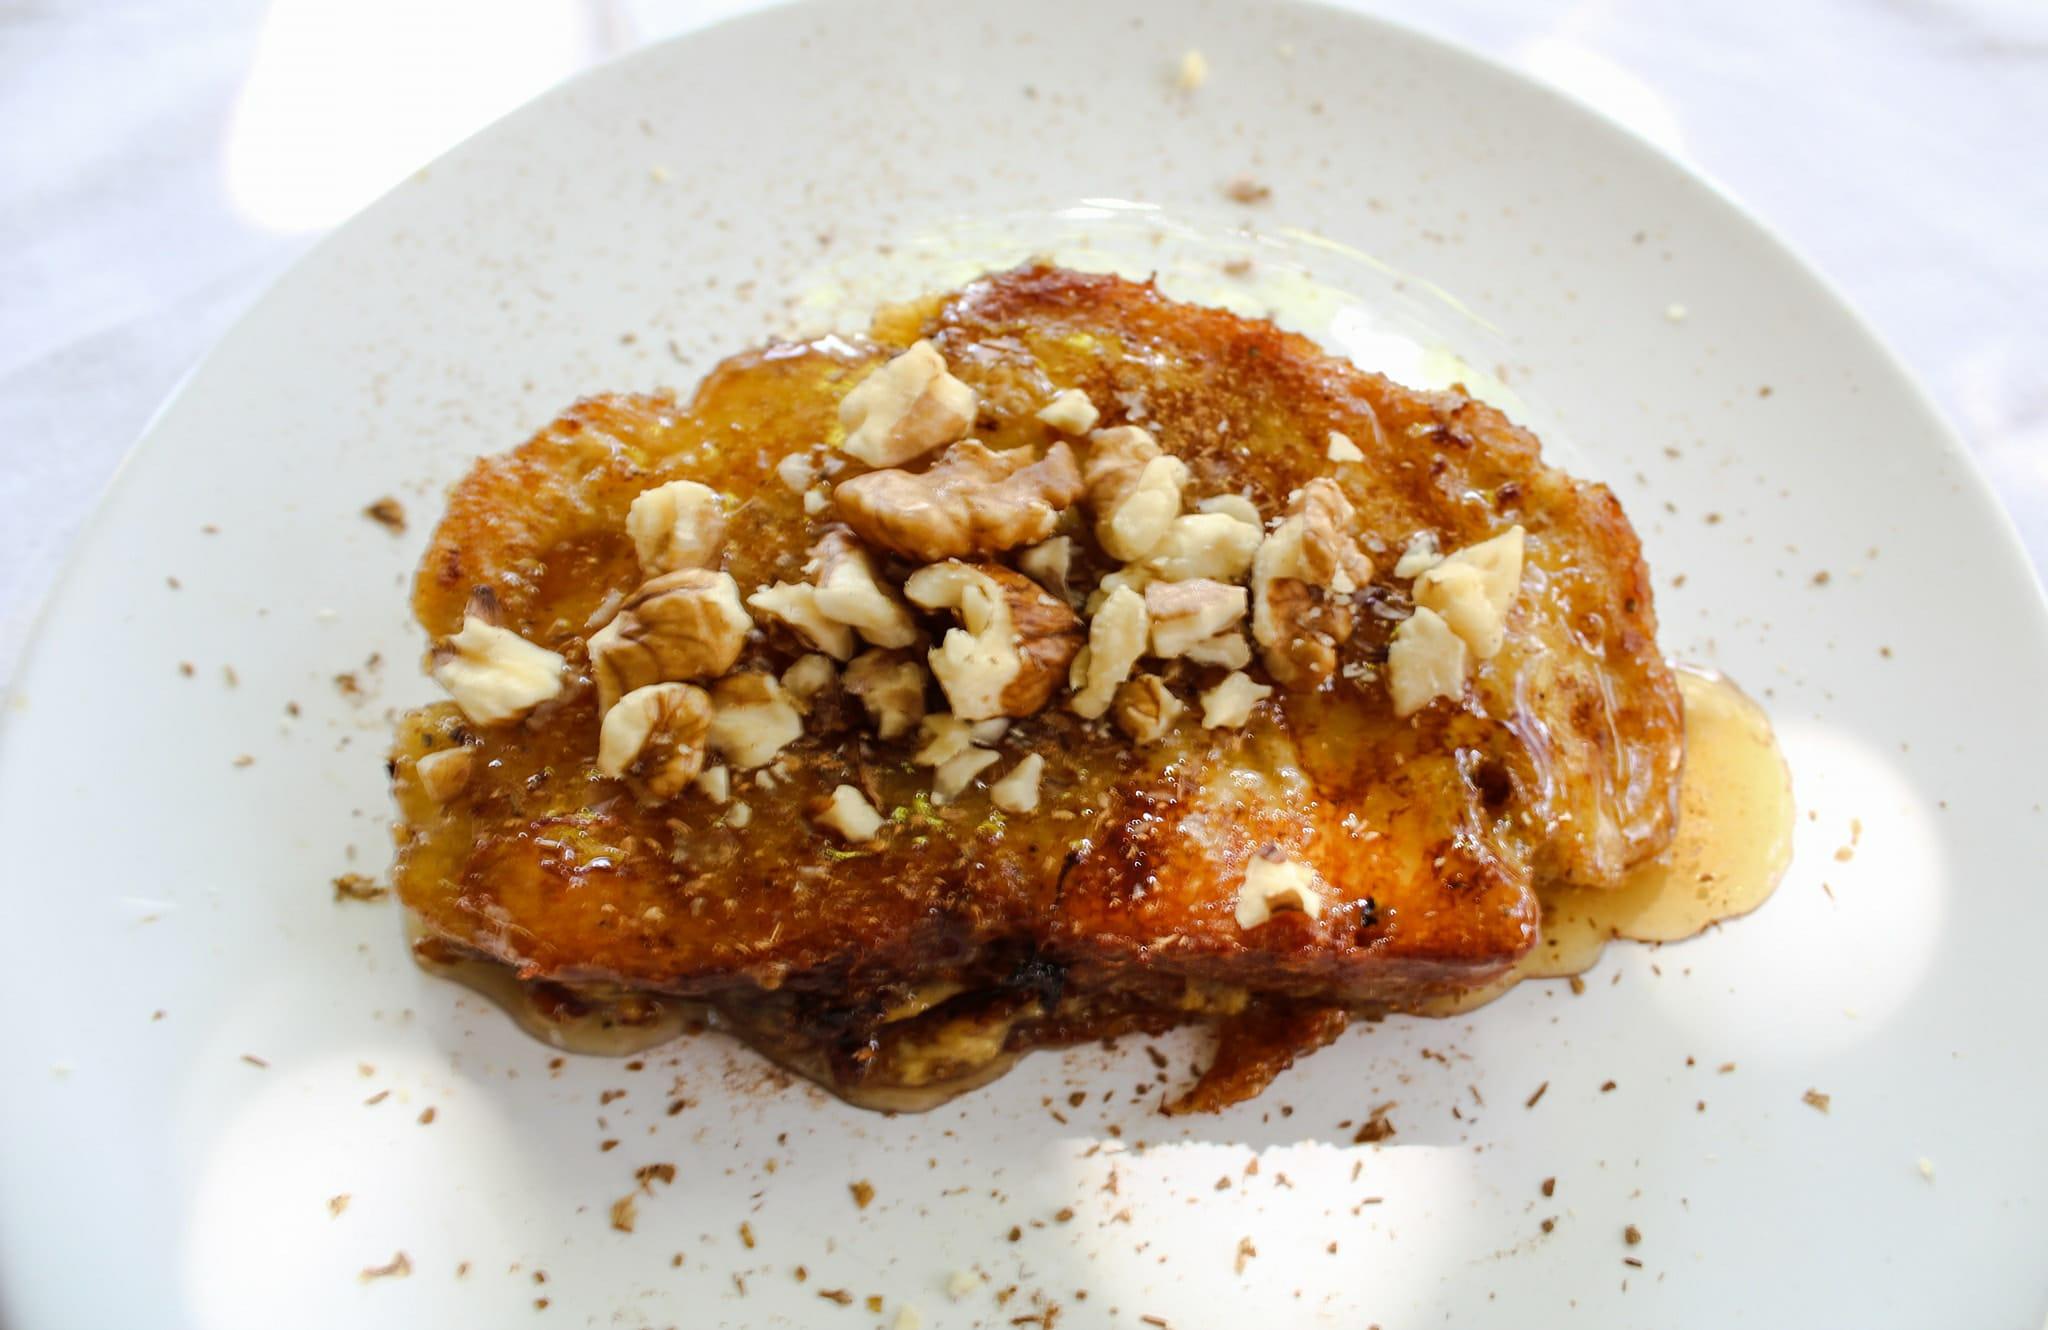 You are currently viewing Όταν η γεύση έχει όνομα και μνήμη: Στην Άνδρο τις λέμε Αυγόσουπες. Αυ-γό-σου-πες!, γράφει η Γιάννα